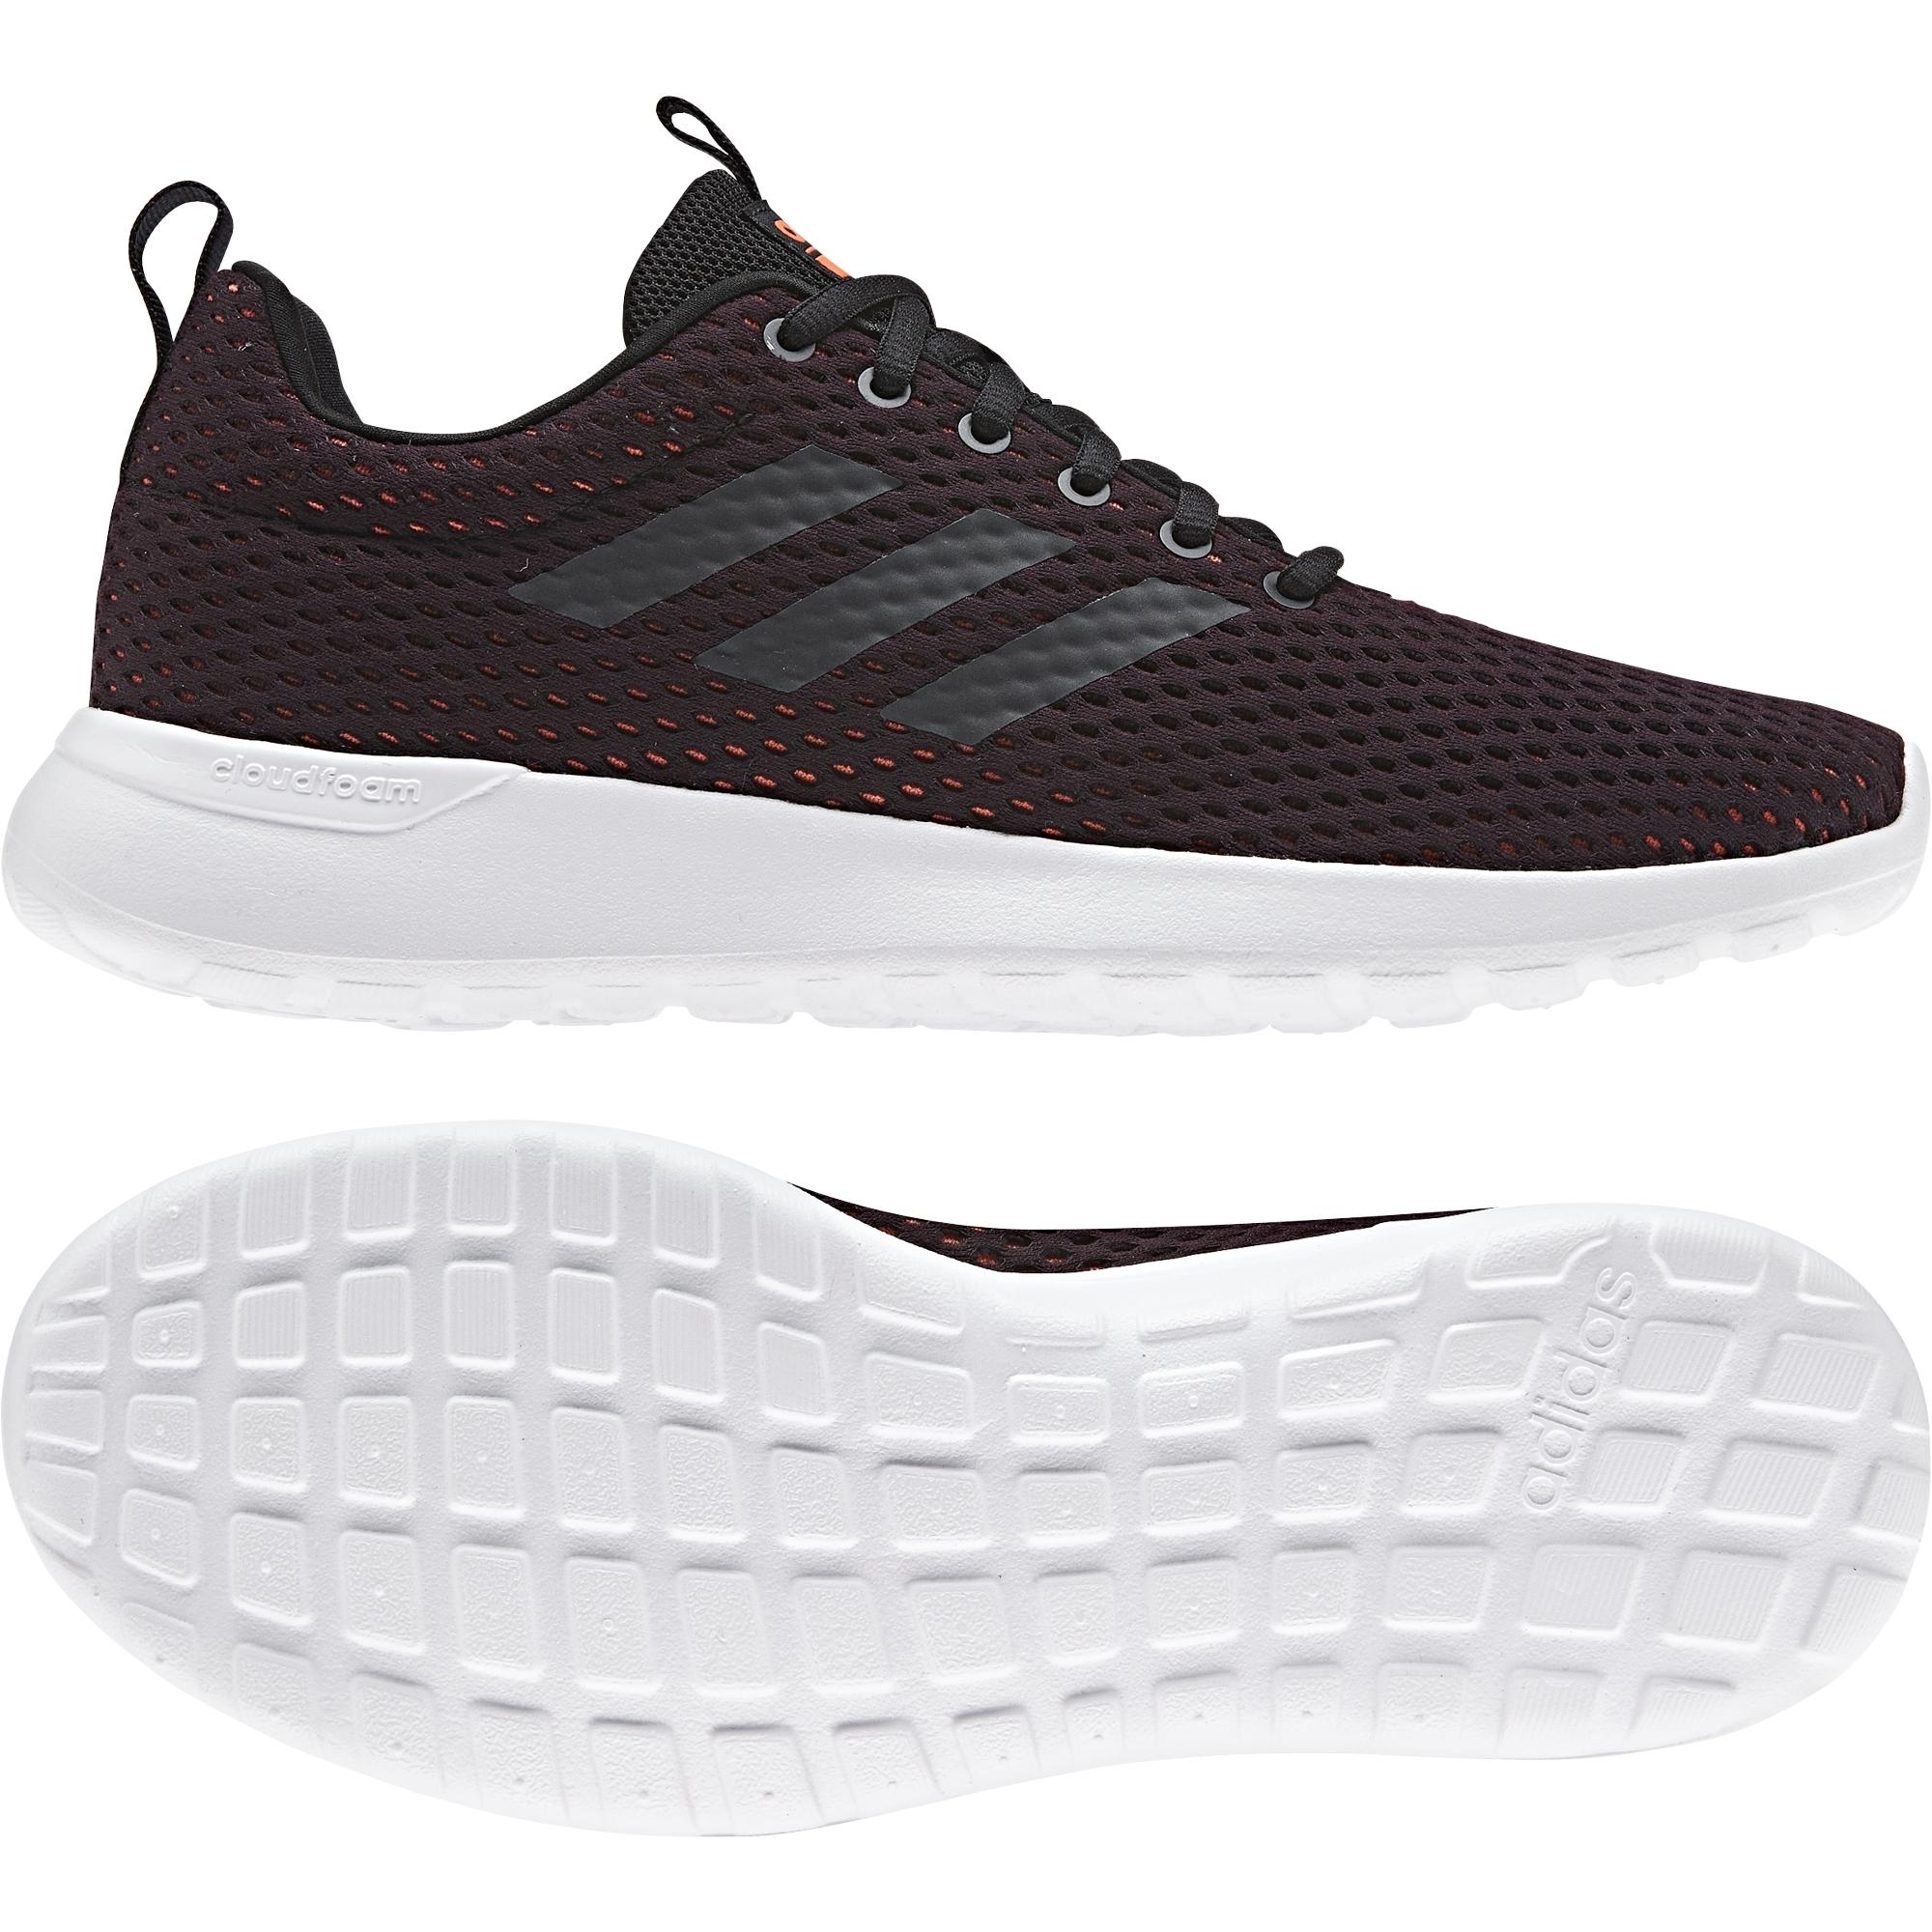 Adidas Herren Freizeitschuh - Lite Racer CLN Schuh   Online kaufen ... 491aba3356